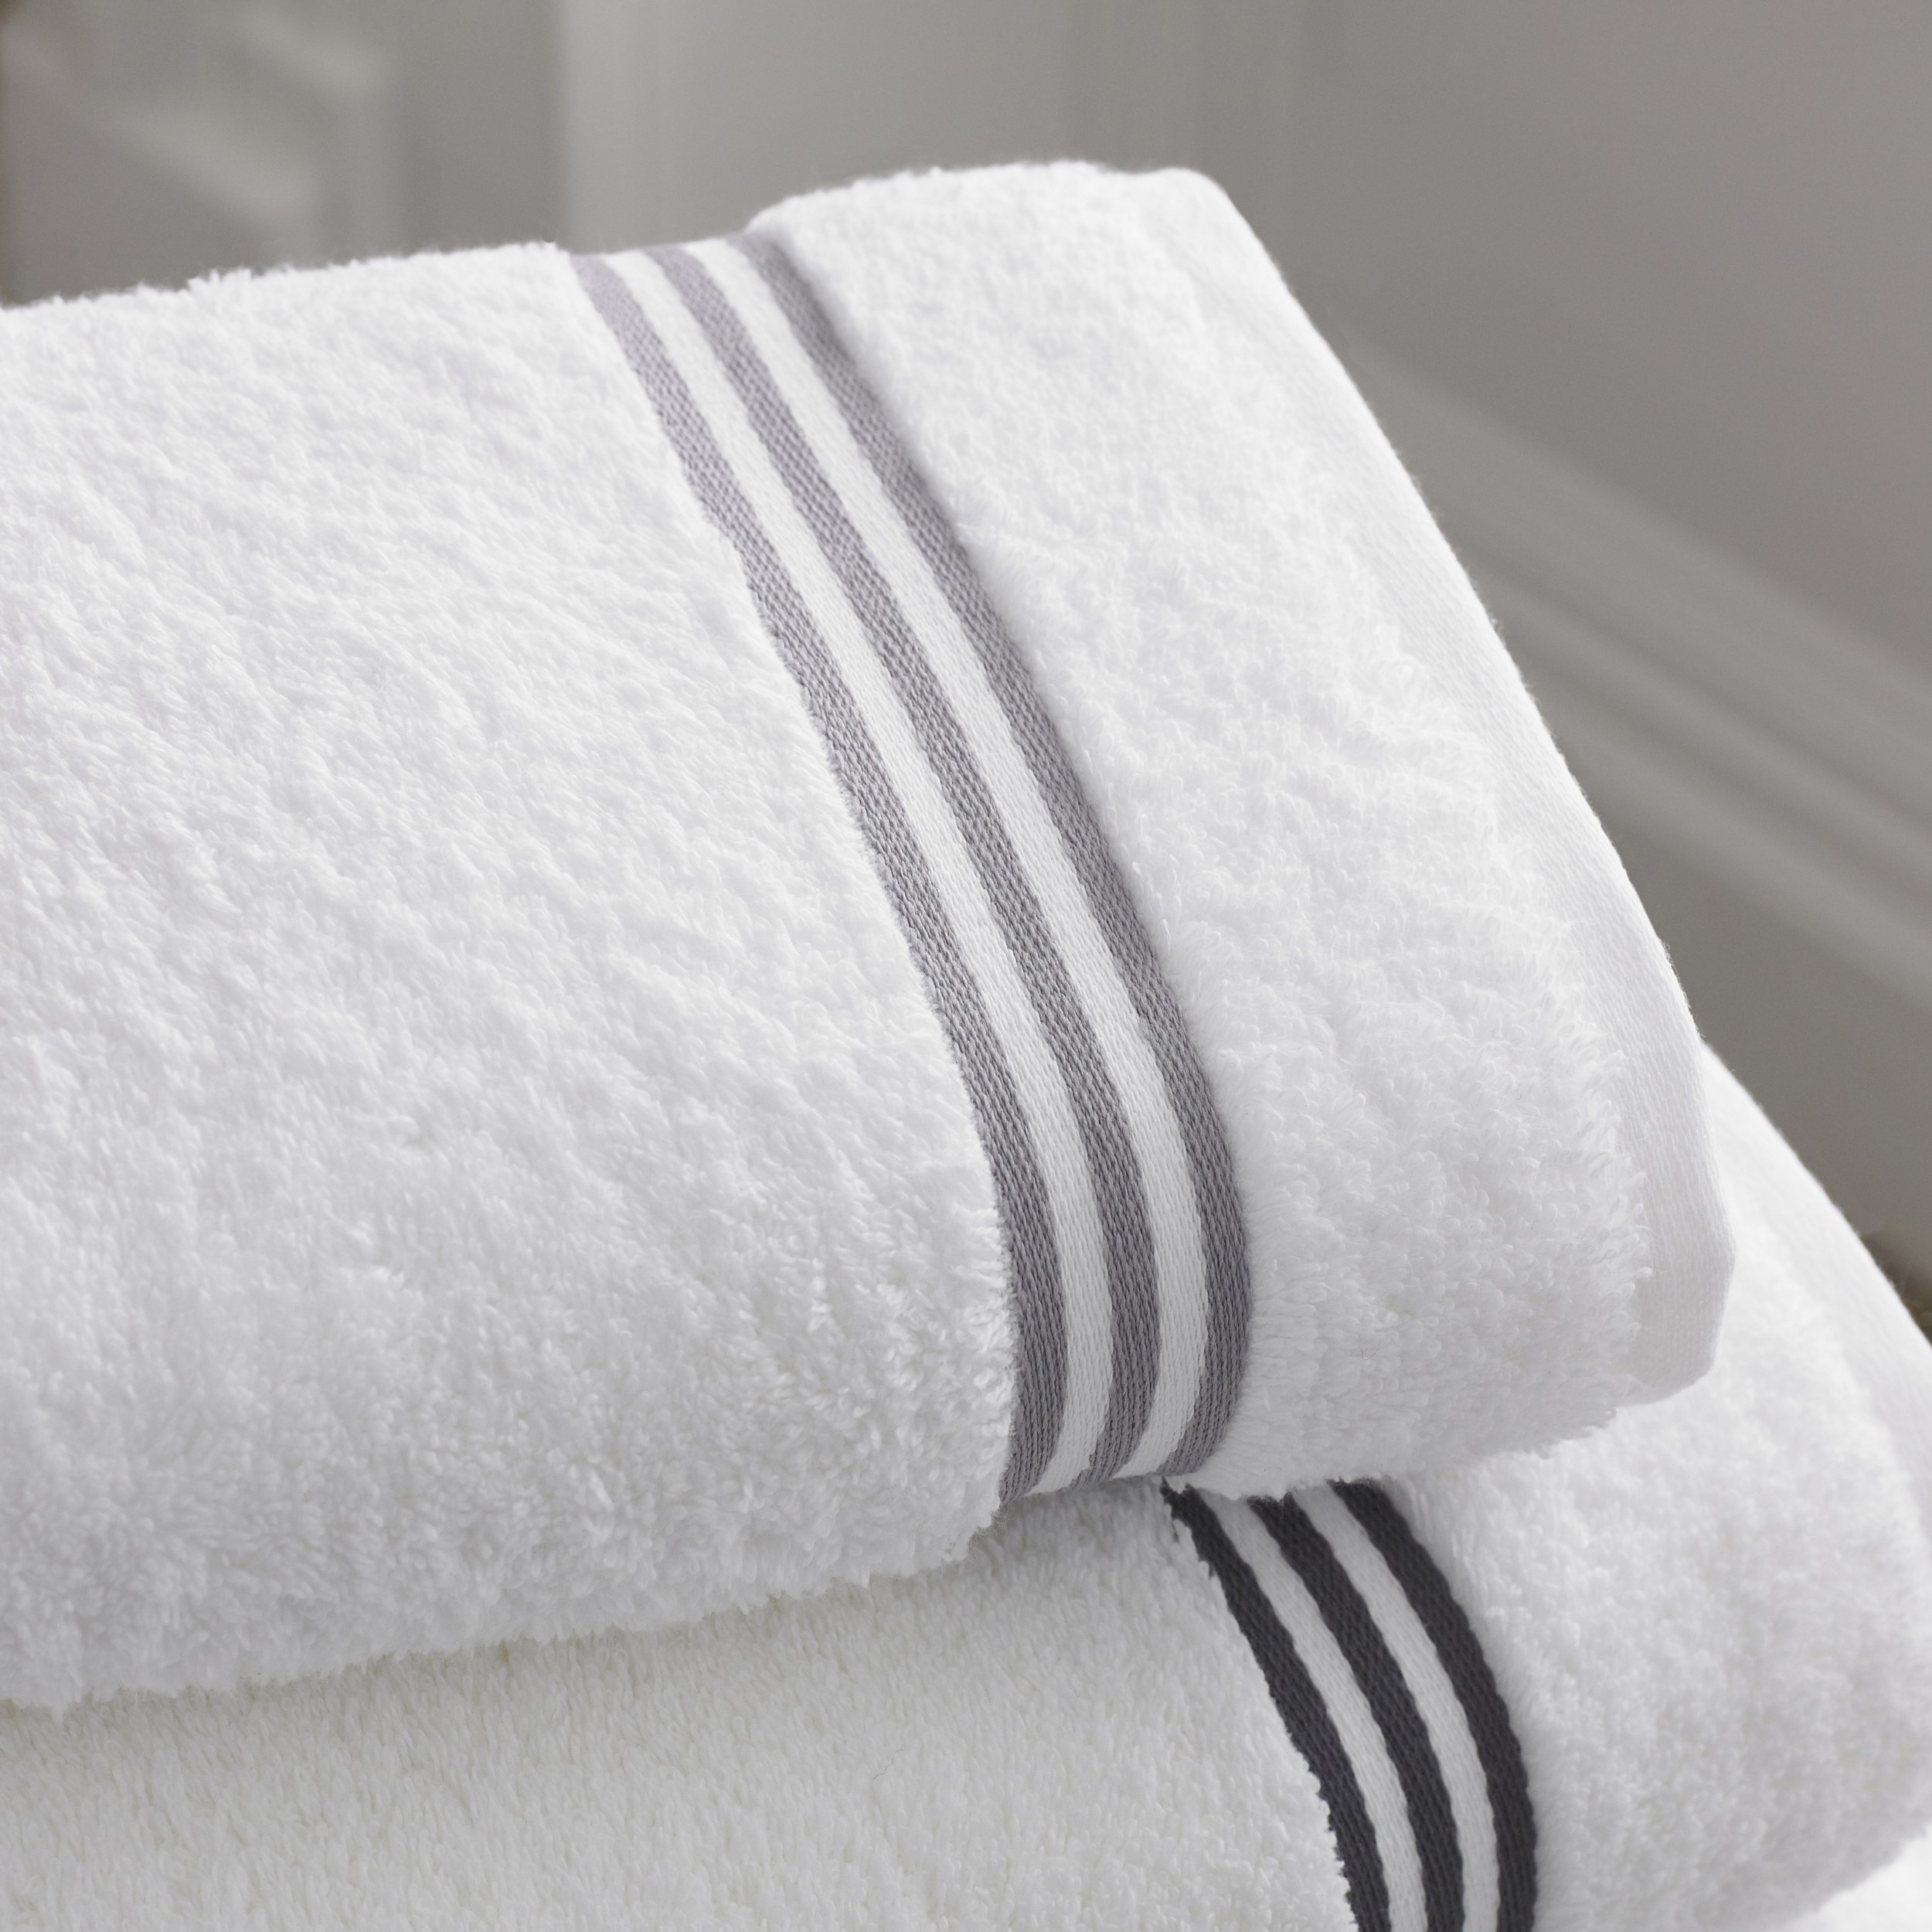 furniture-pillow-wool-material-towel-bathroom-641704-pxhere.com.jpg